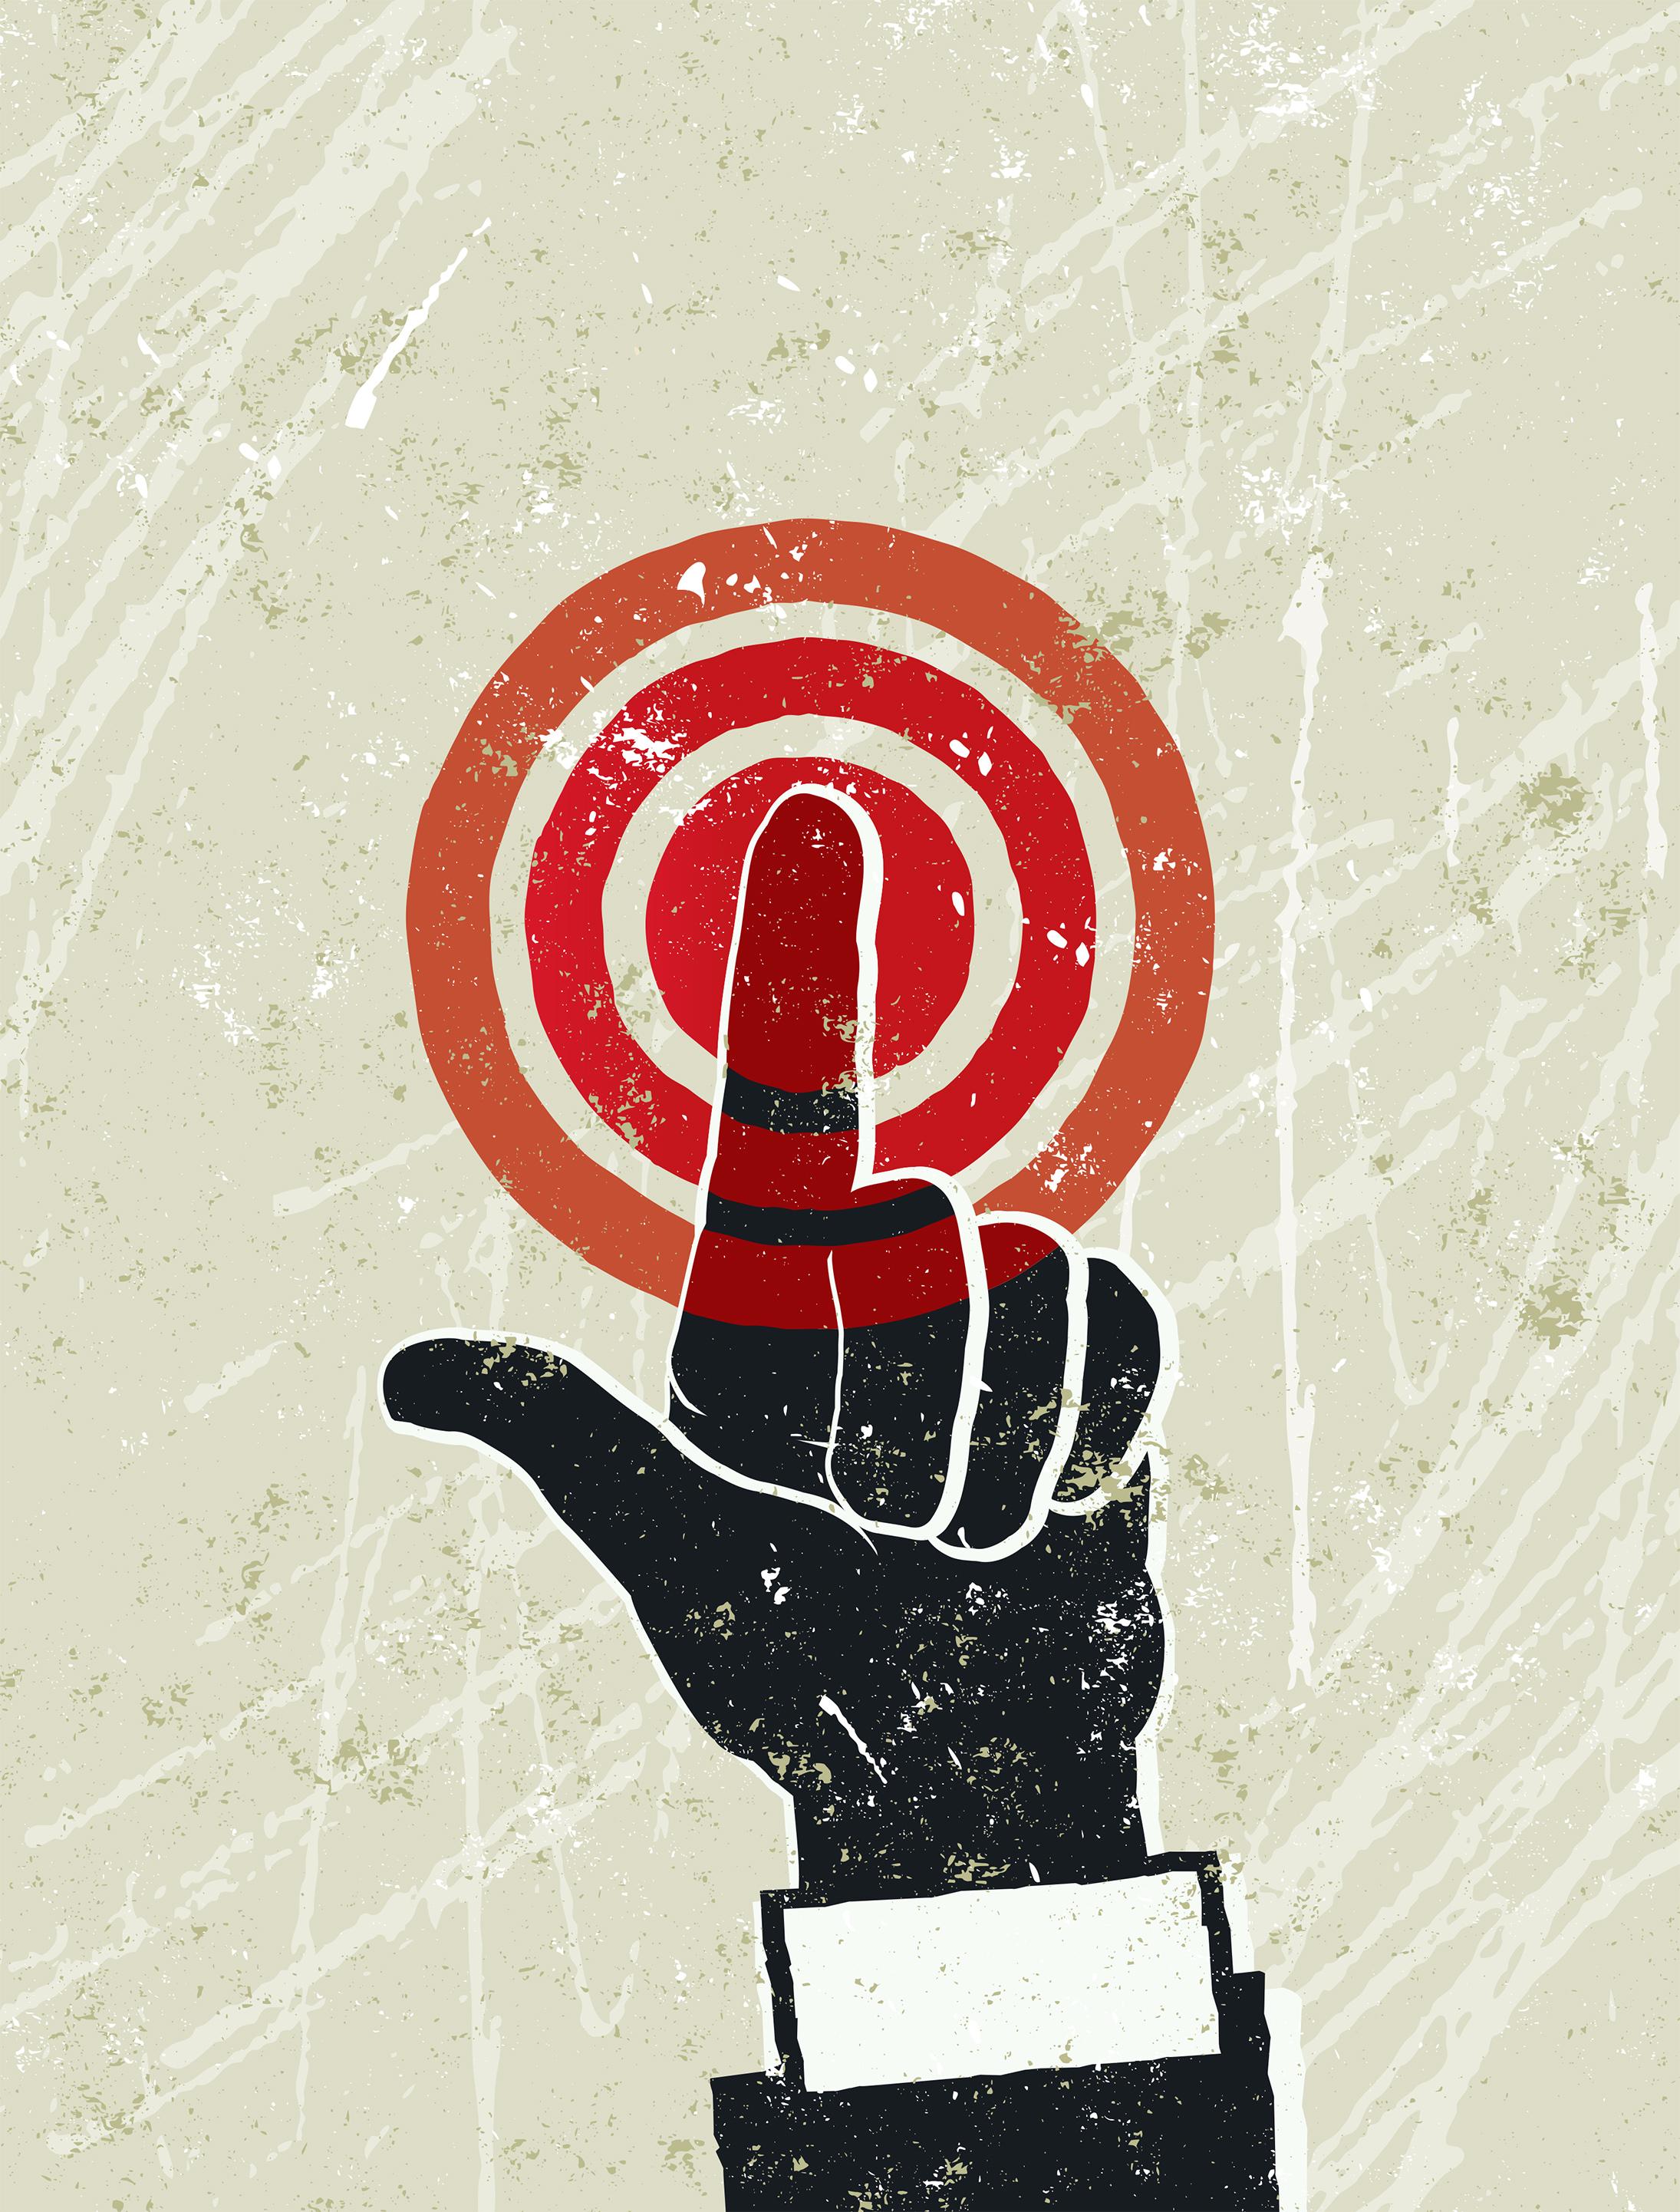 Sæt dit eget fingeraftryk på din karriere